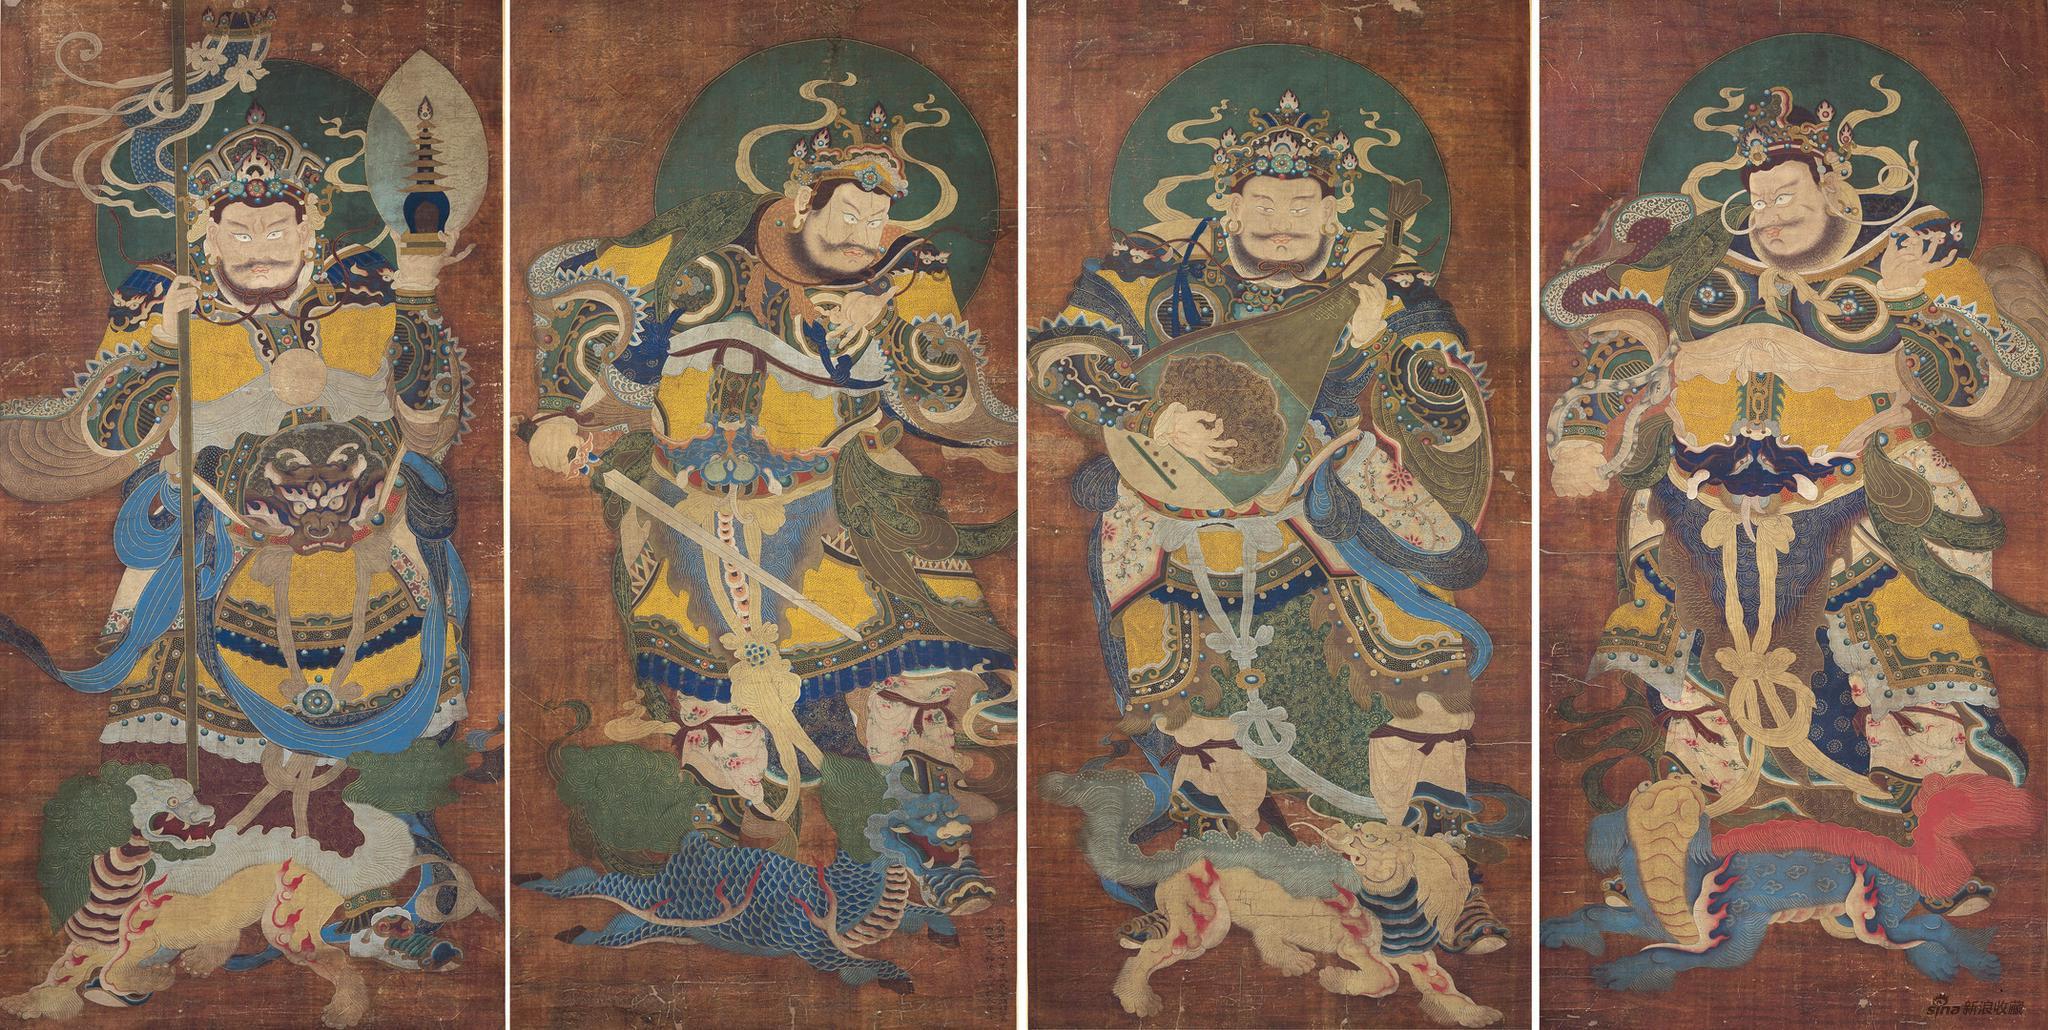 四大天王像,明代 洪武十七年(1384),设色绢本立轴,215x105cm,出版:佛教寺庙宝藏《思量》